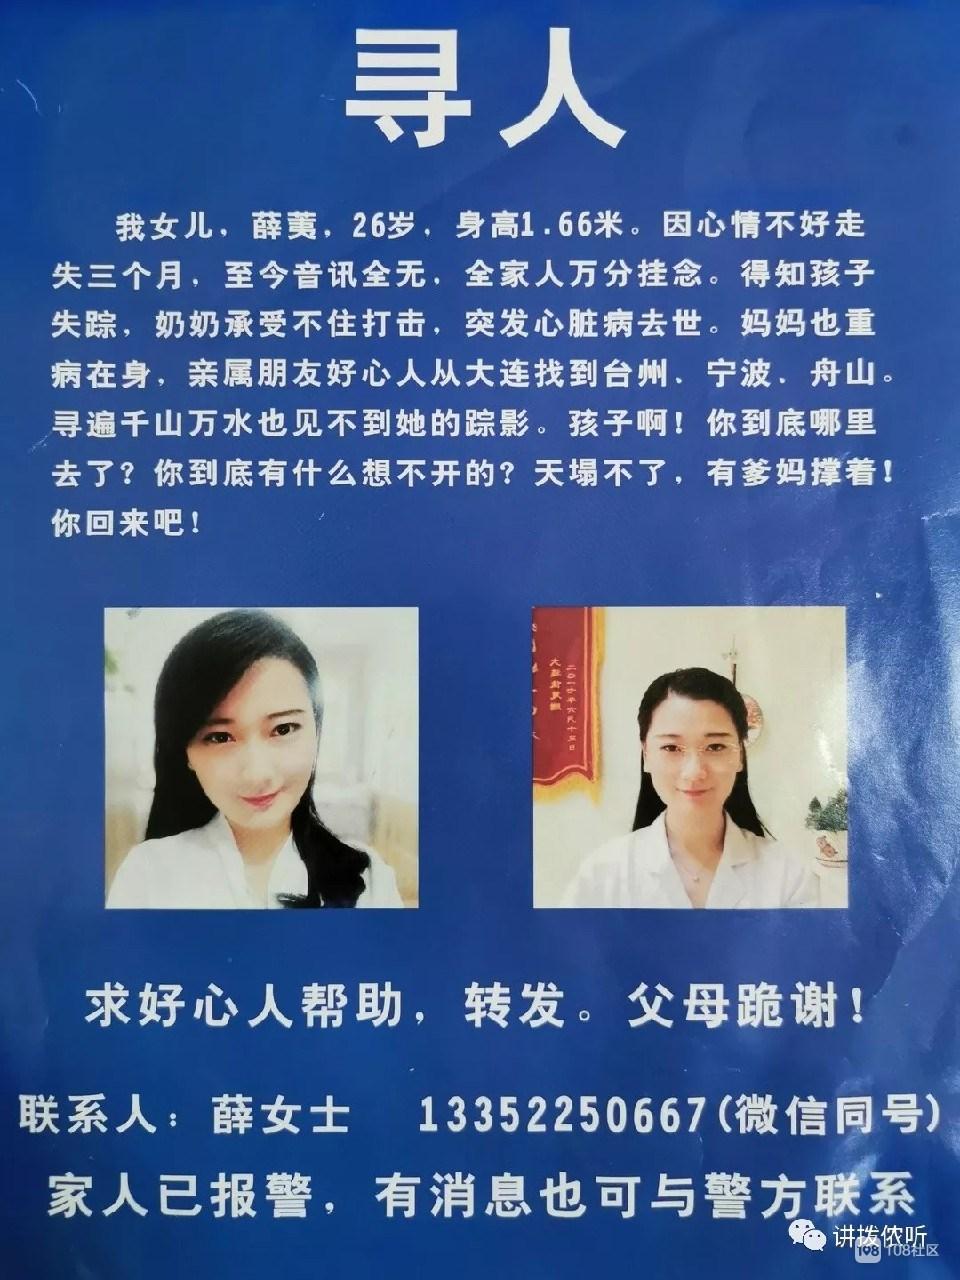 这位漂亮女孩失联248天 最后一次身份信息在东港